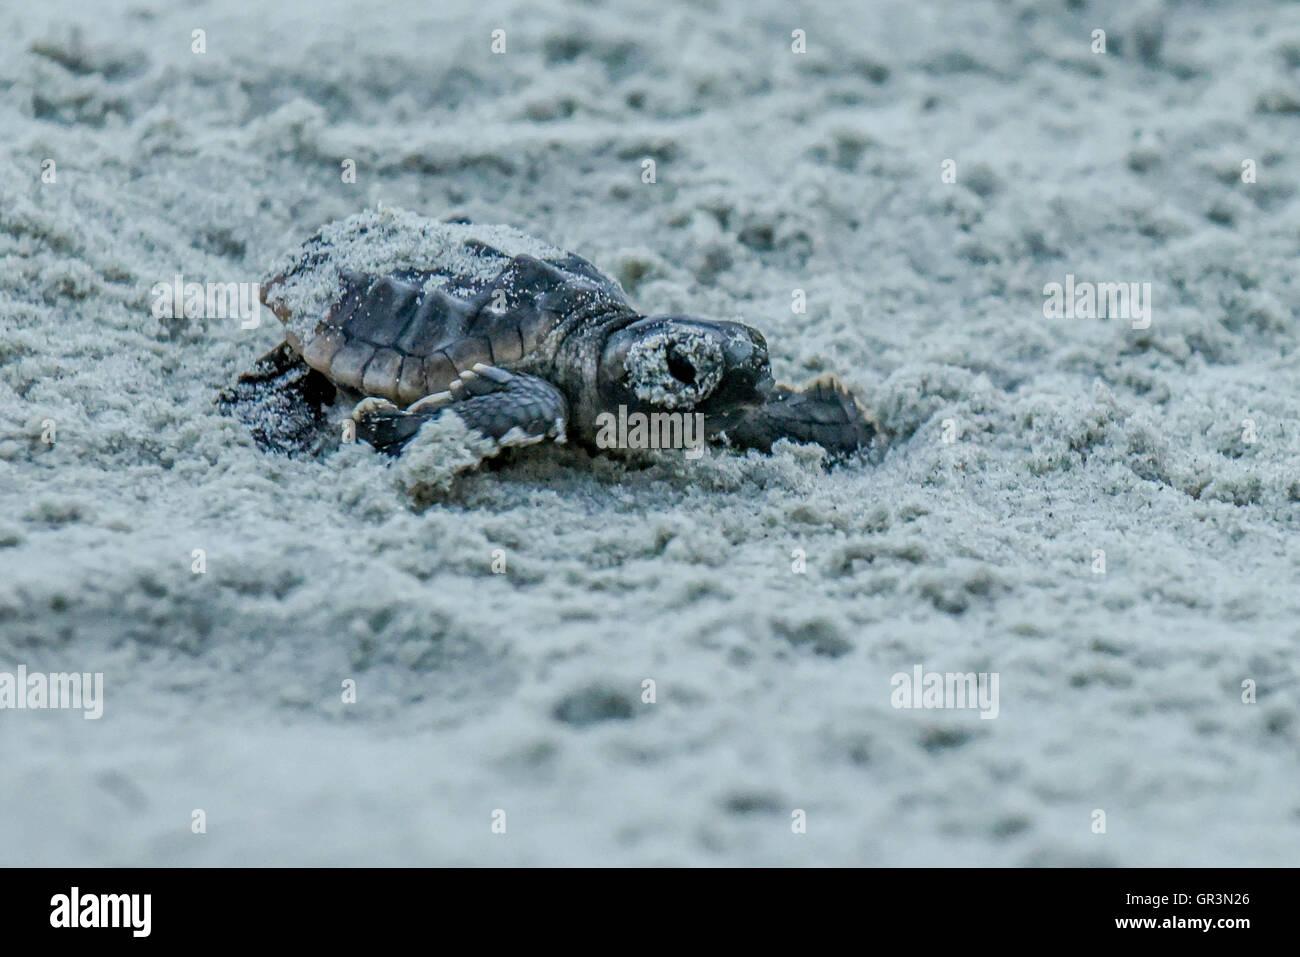 Bébé tortue caouane Caretta caretta - incubation | Caroline du Nord - Sunset Beach | les jeunes tortues menacées Banque D'Images